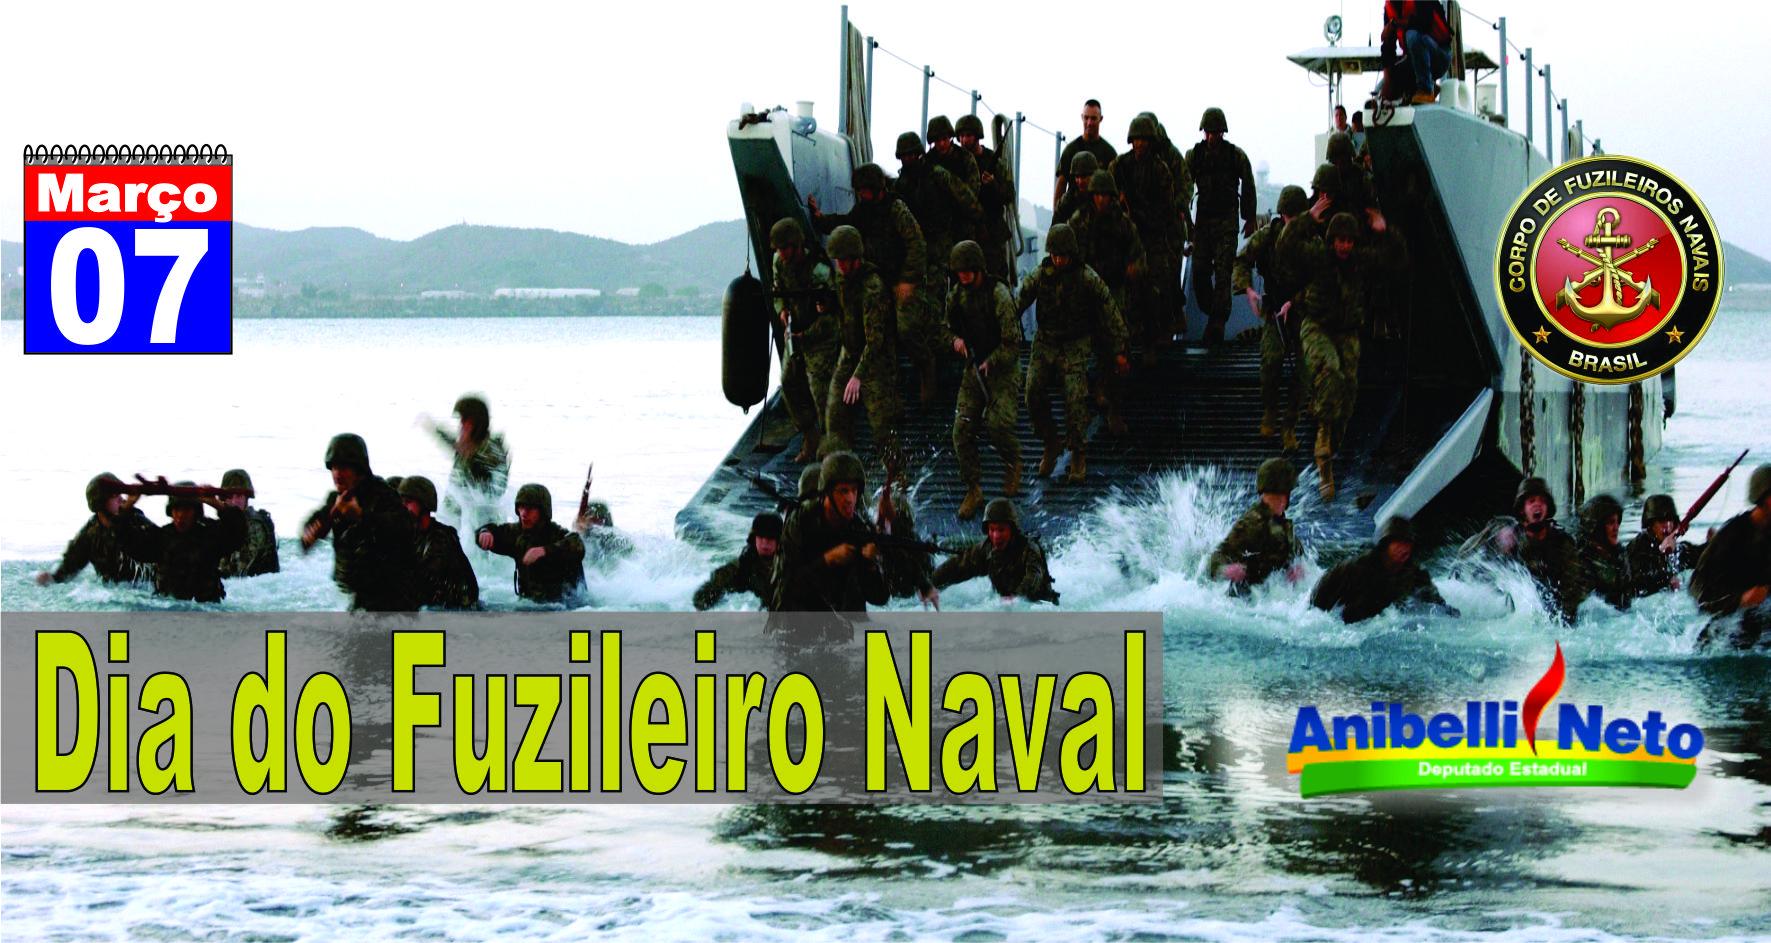 Resultado de imagem para dia do fuzileiro naval